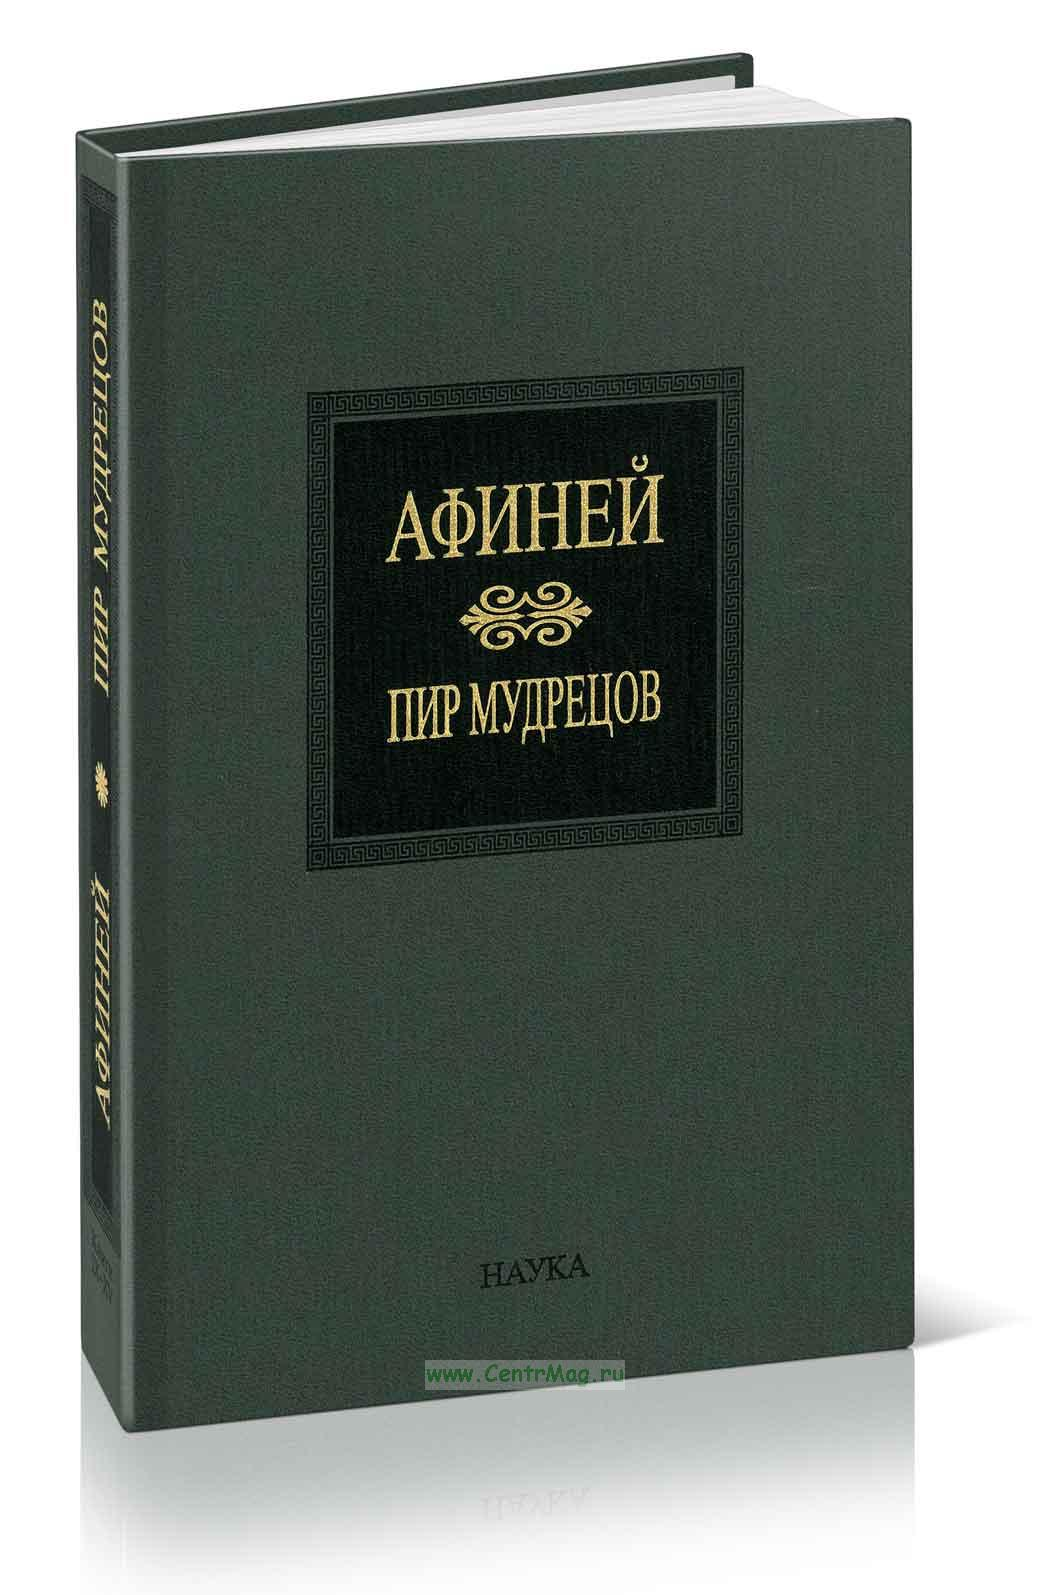 Афиней. Пир мудрецов. В пятнадцати книгах. Книги IX-XV 2-е изд